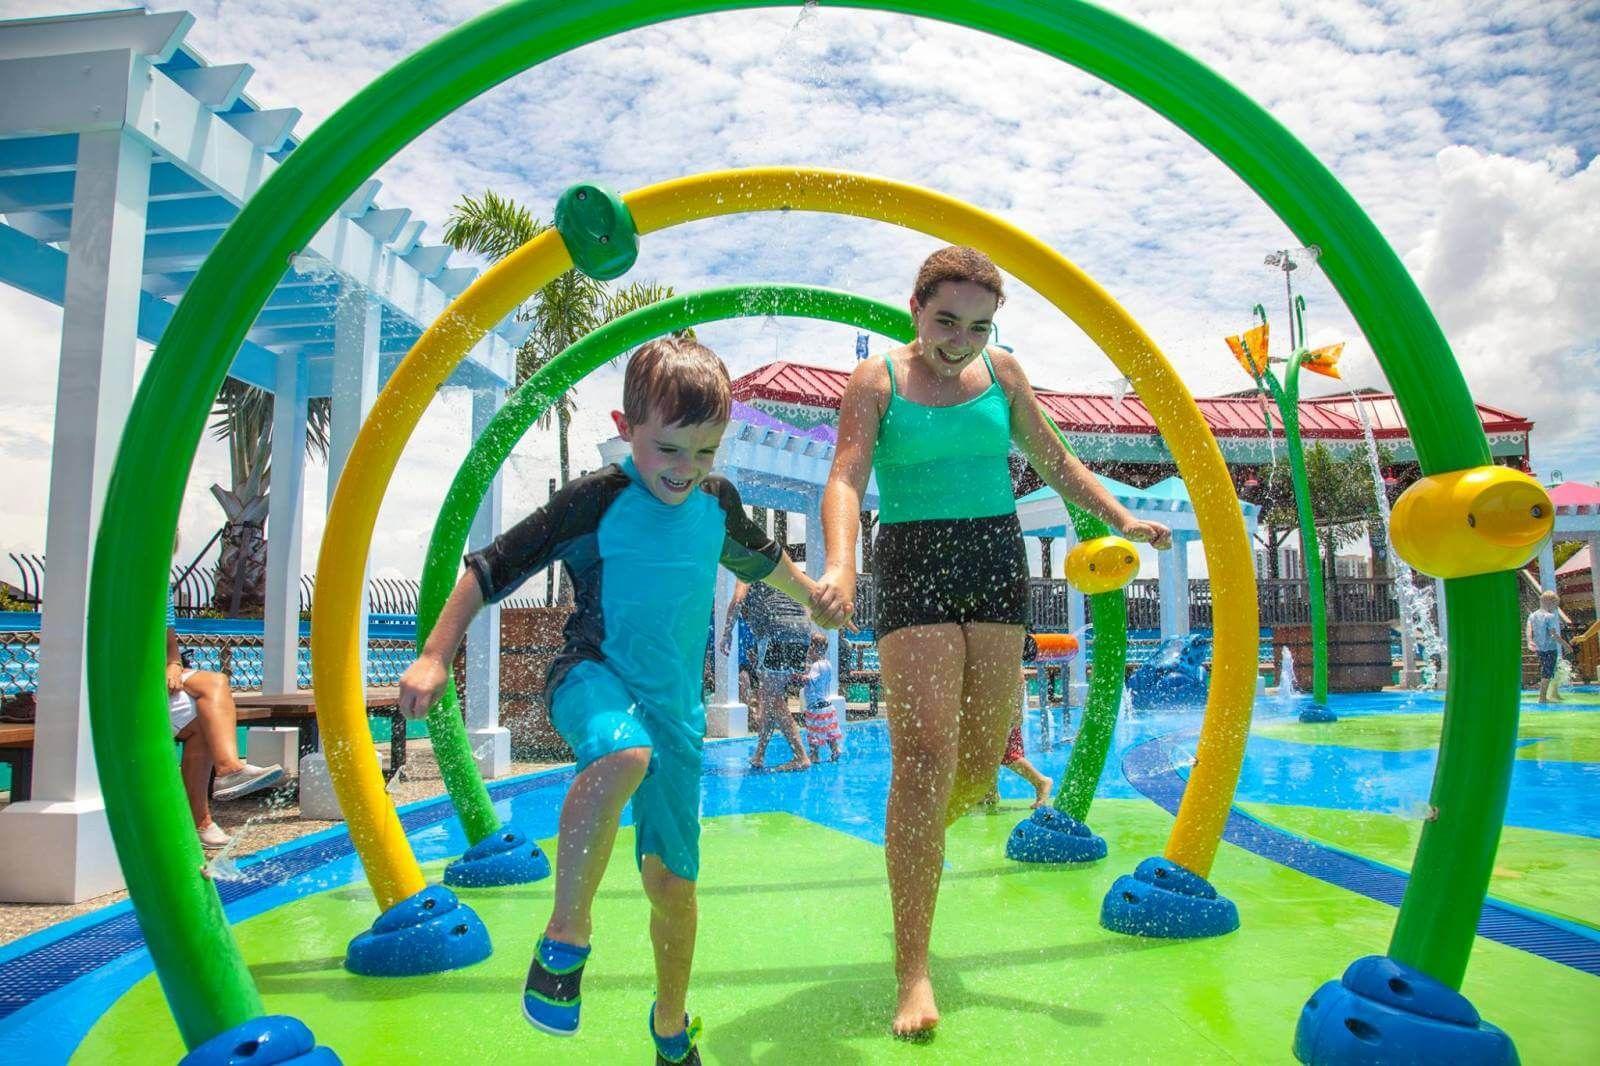 A Sarasota Day Trip To The Florida Aquarium Sarasota Florida Day